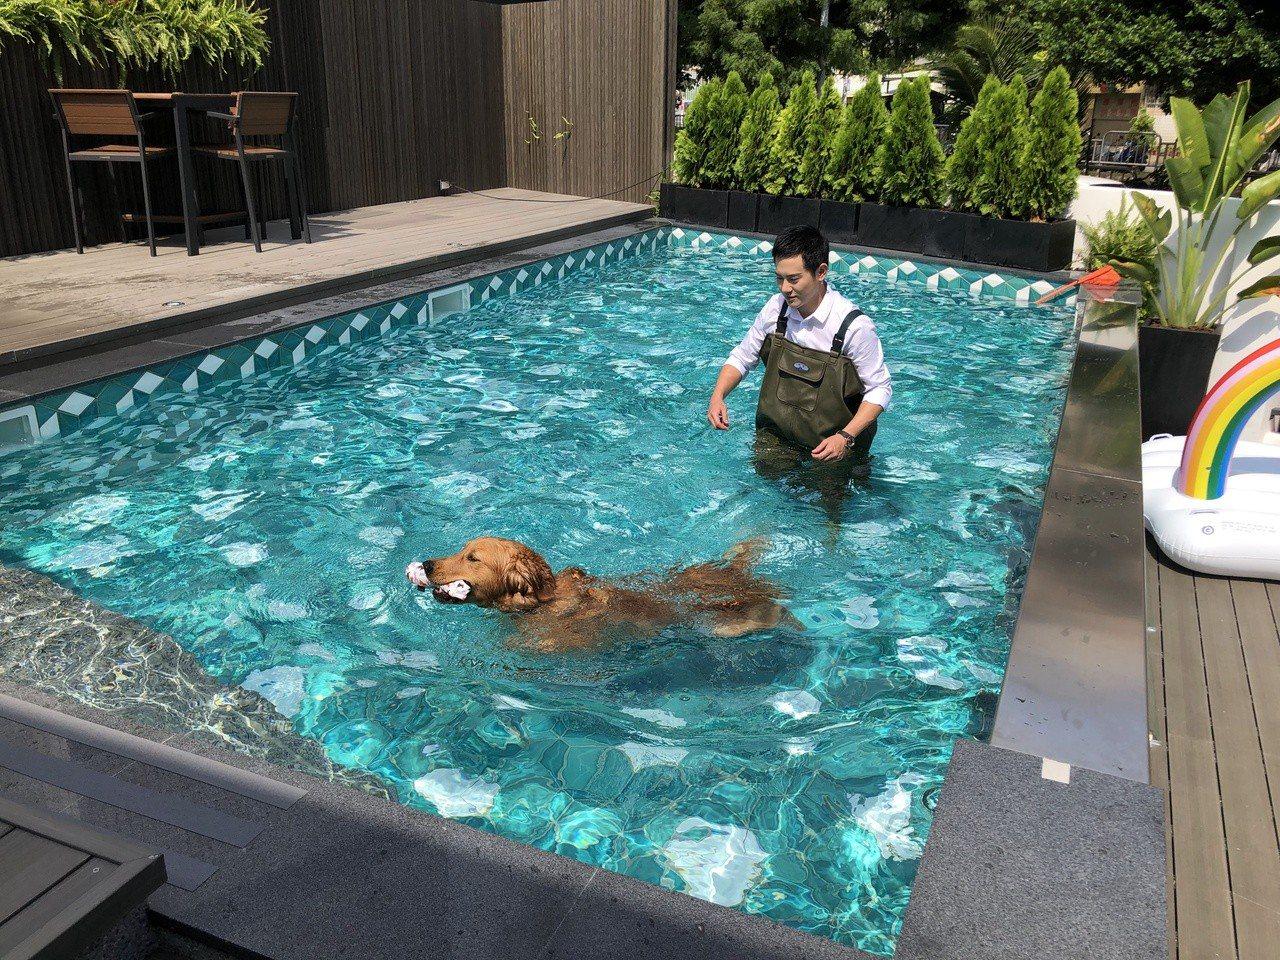 沃夫寵物旅館一樓基地面積達120餘坪,規劃有7米乘3米的超大型泳池,跟廣闊的室內...